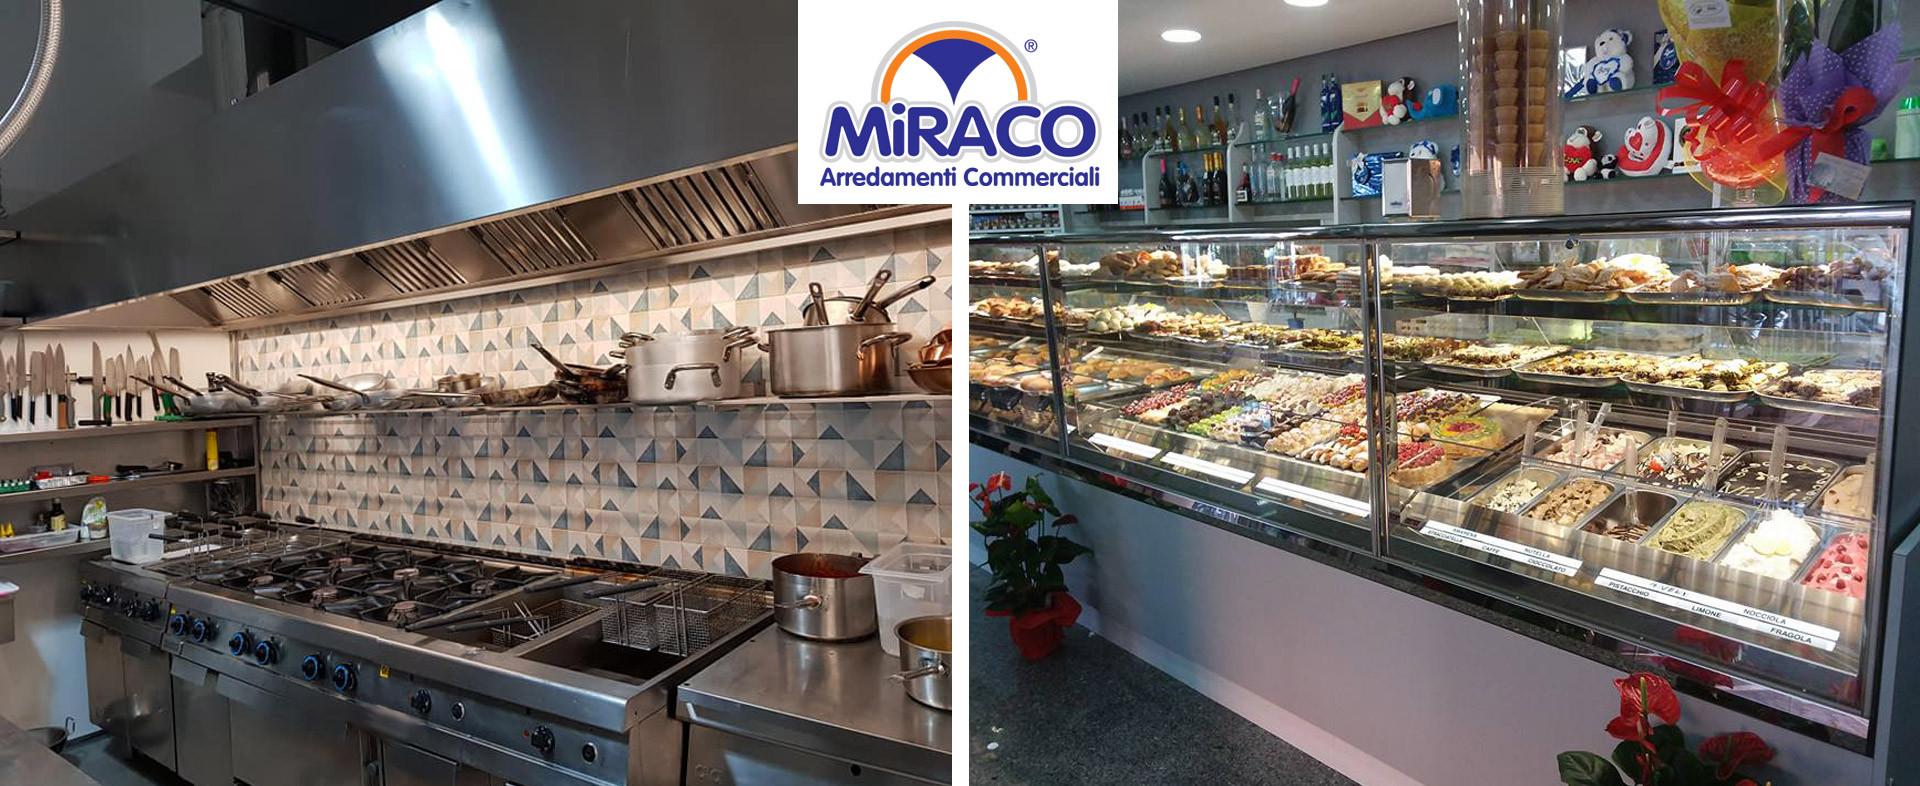 Miraco_slide.jpg